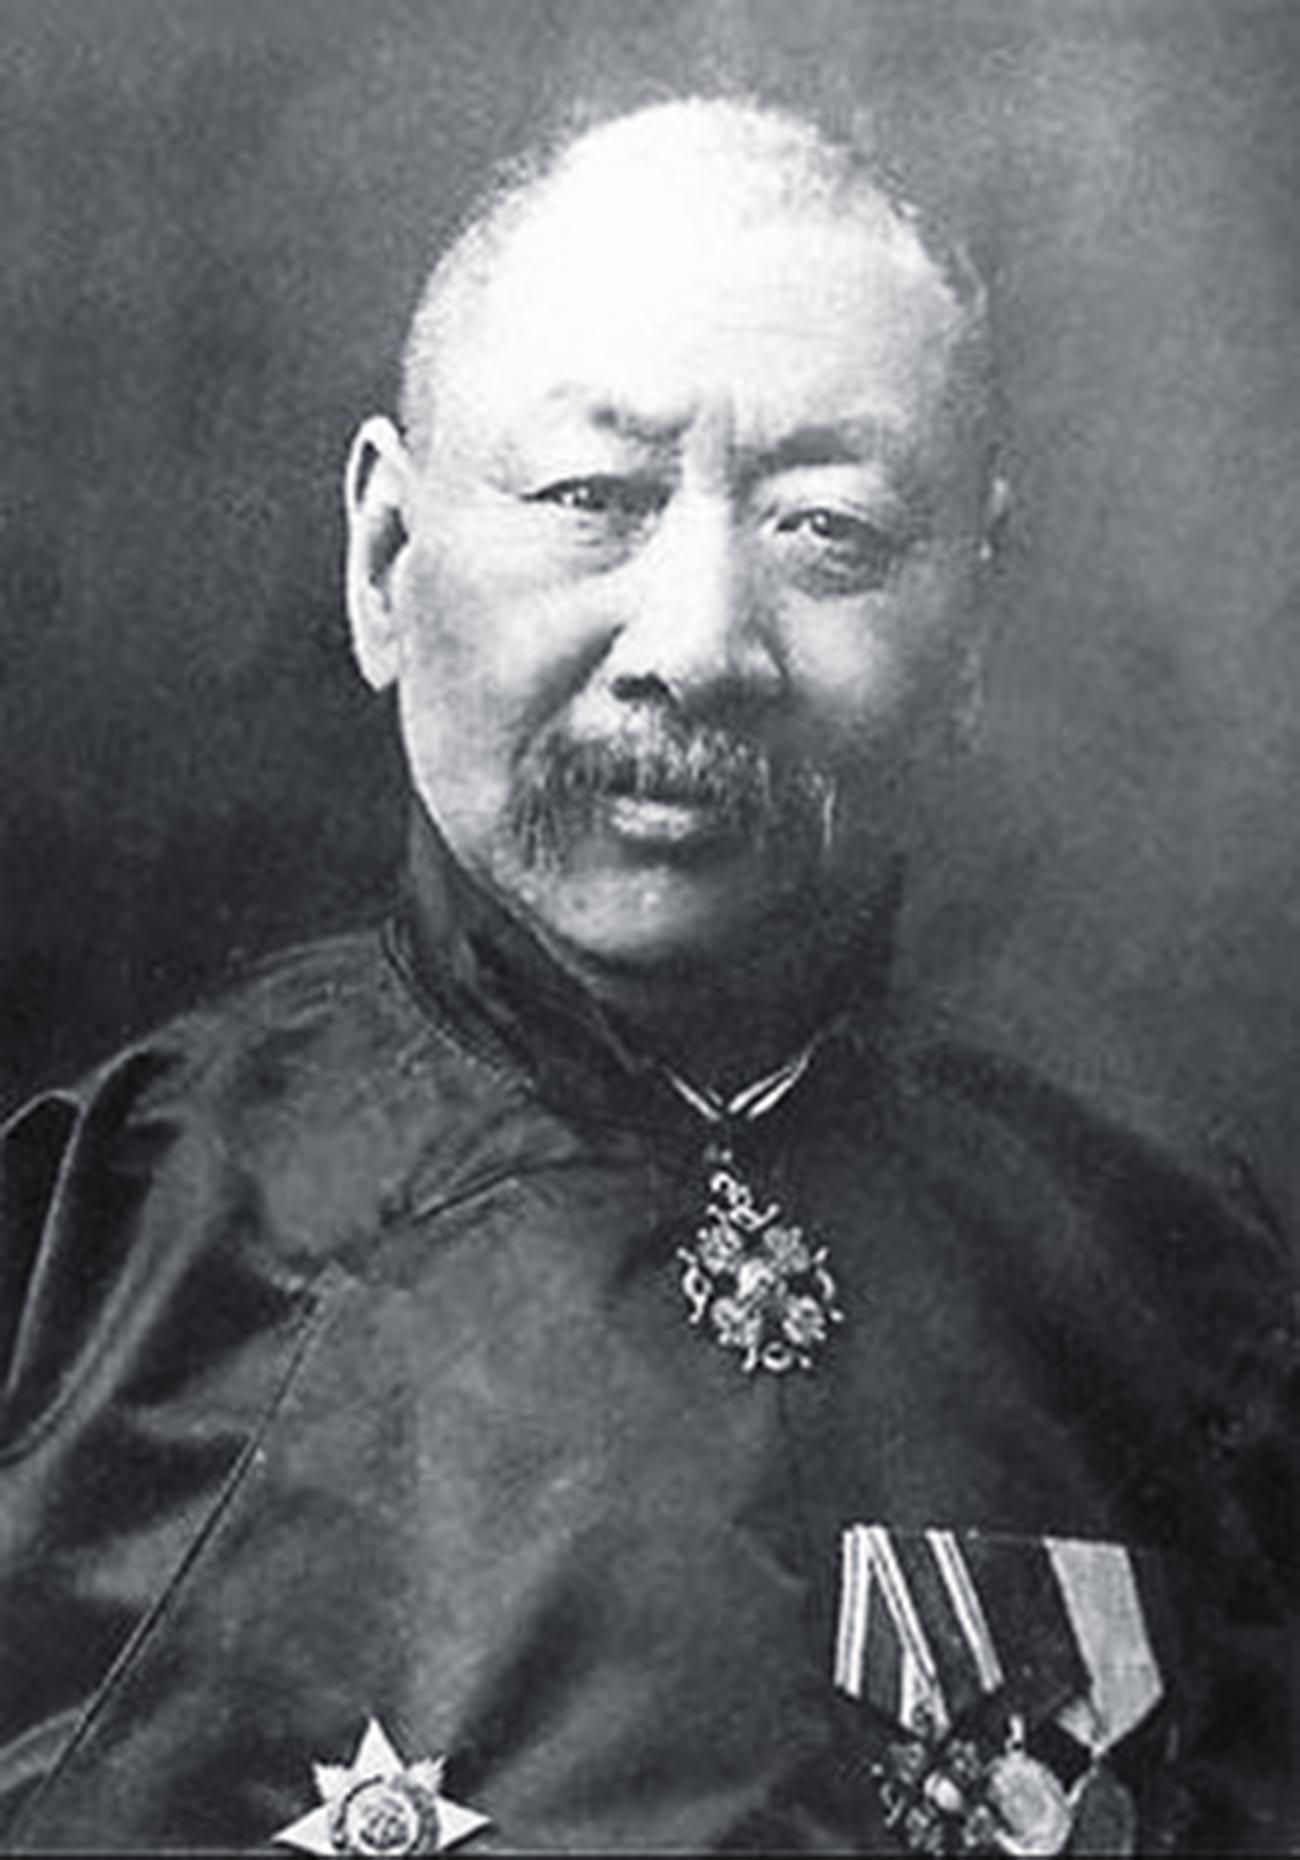 Николај Тифонтај са орденима Руске империје.